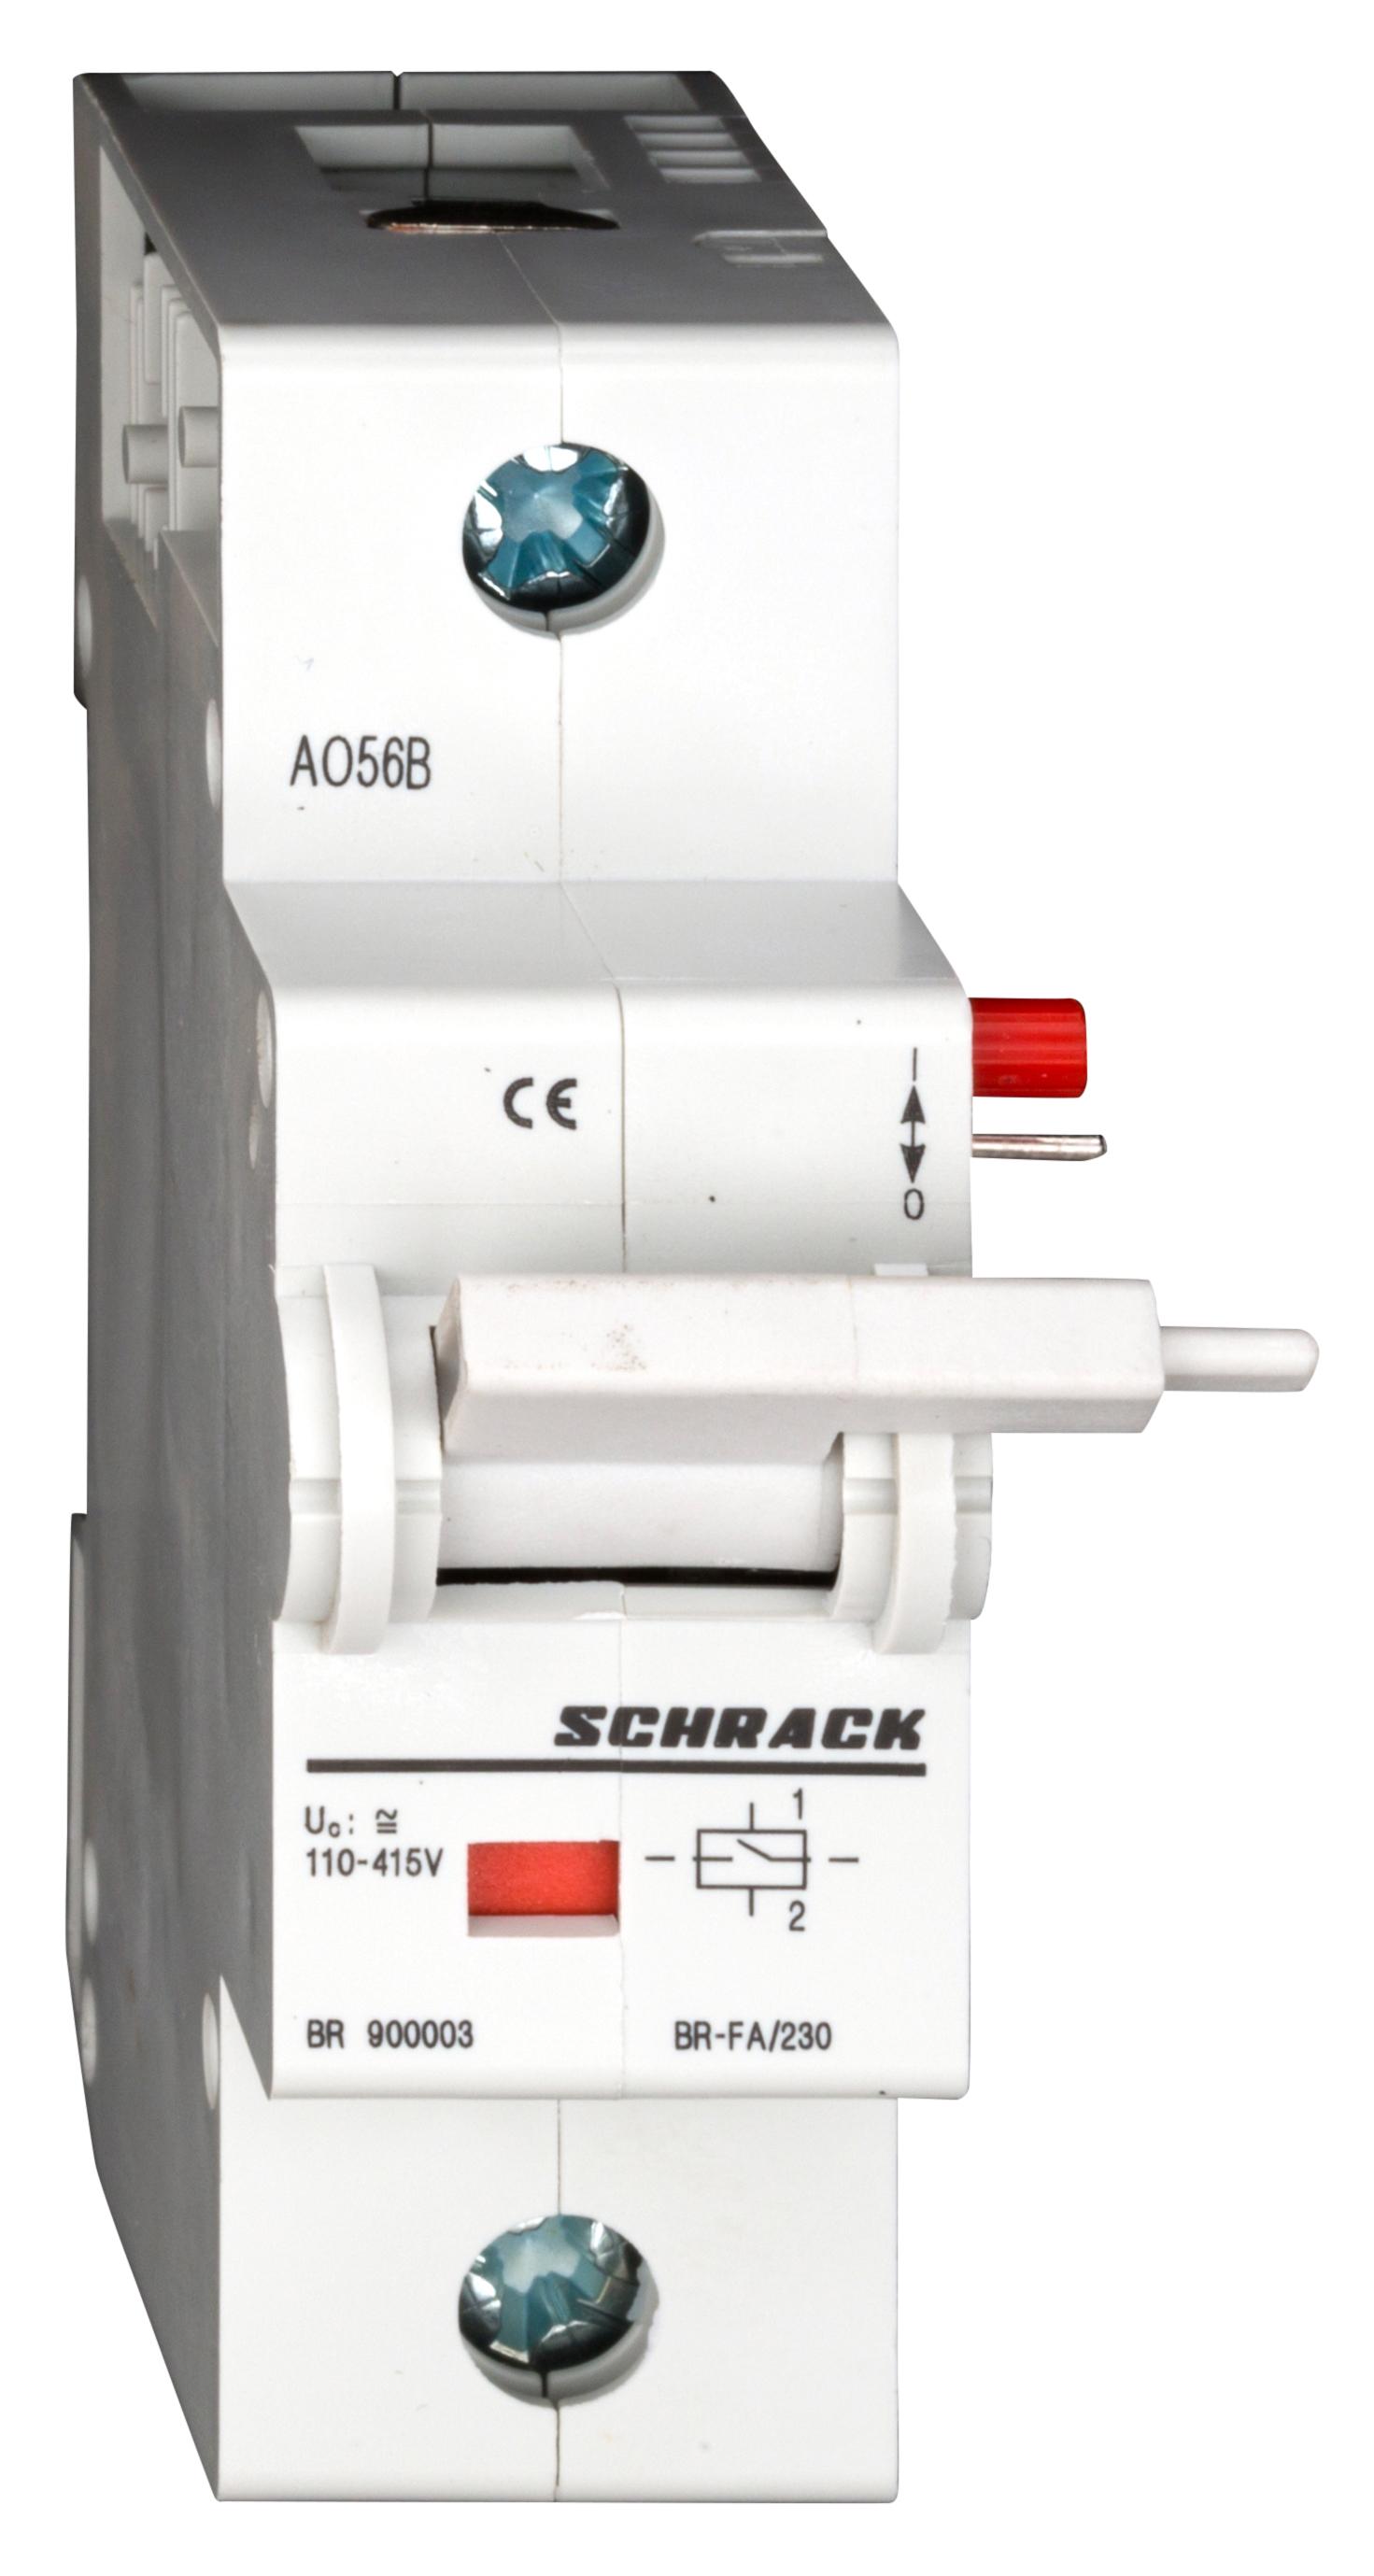 1 Stk Arbeitsstromauslöser 230V BR-FA230 BR900003--